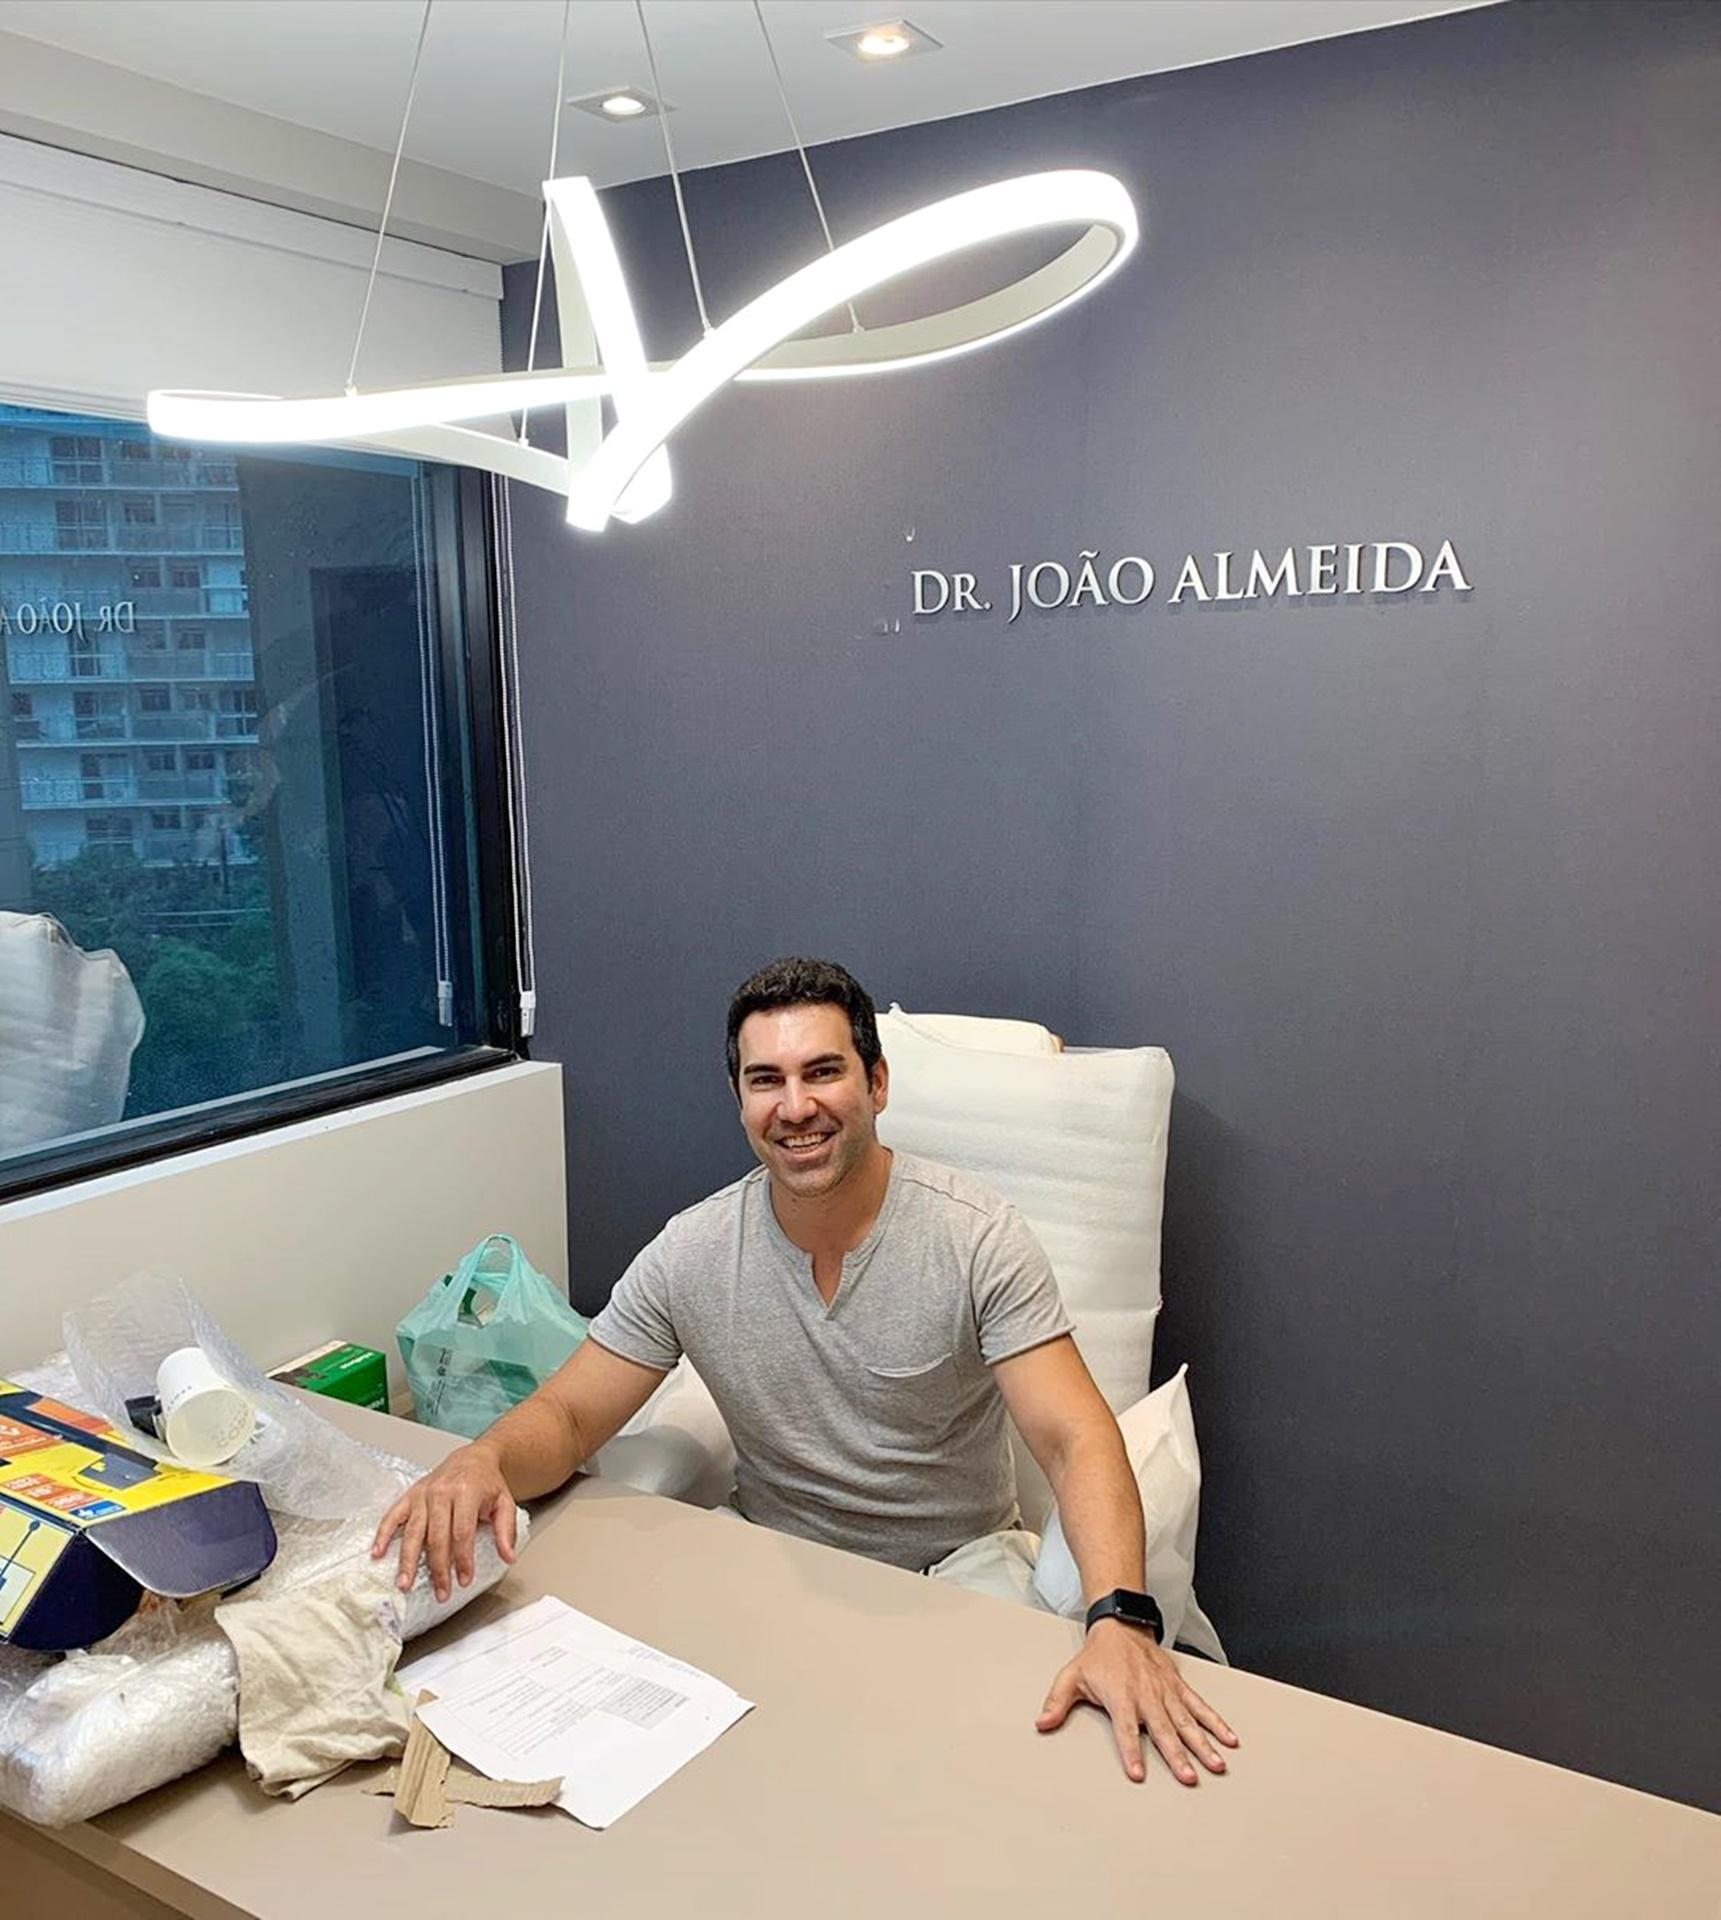 Estamos quase lá fase final da clínica de cirurgia facial Dr. João Almeida